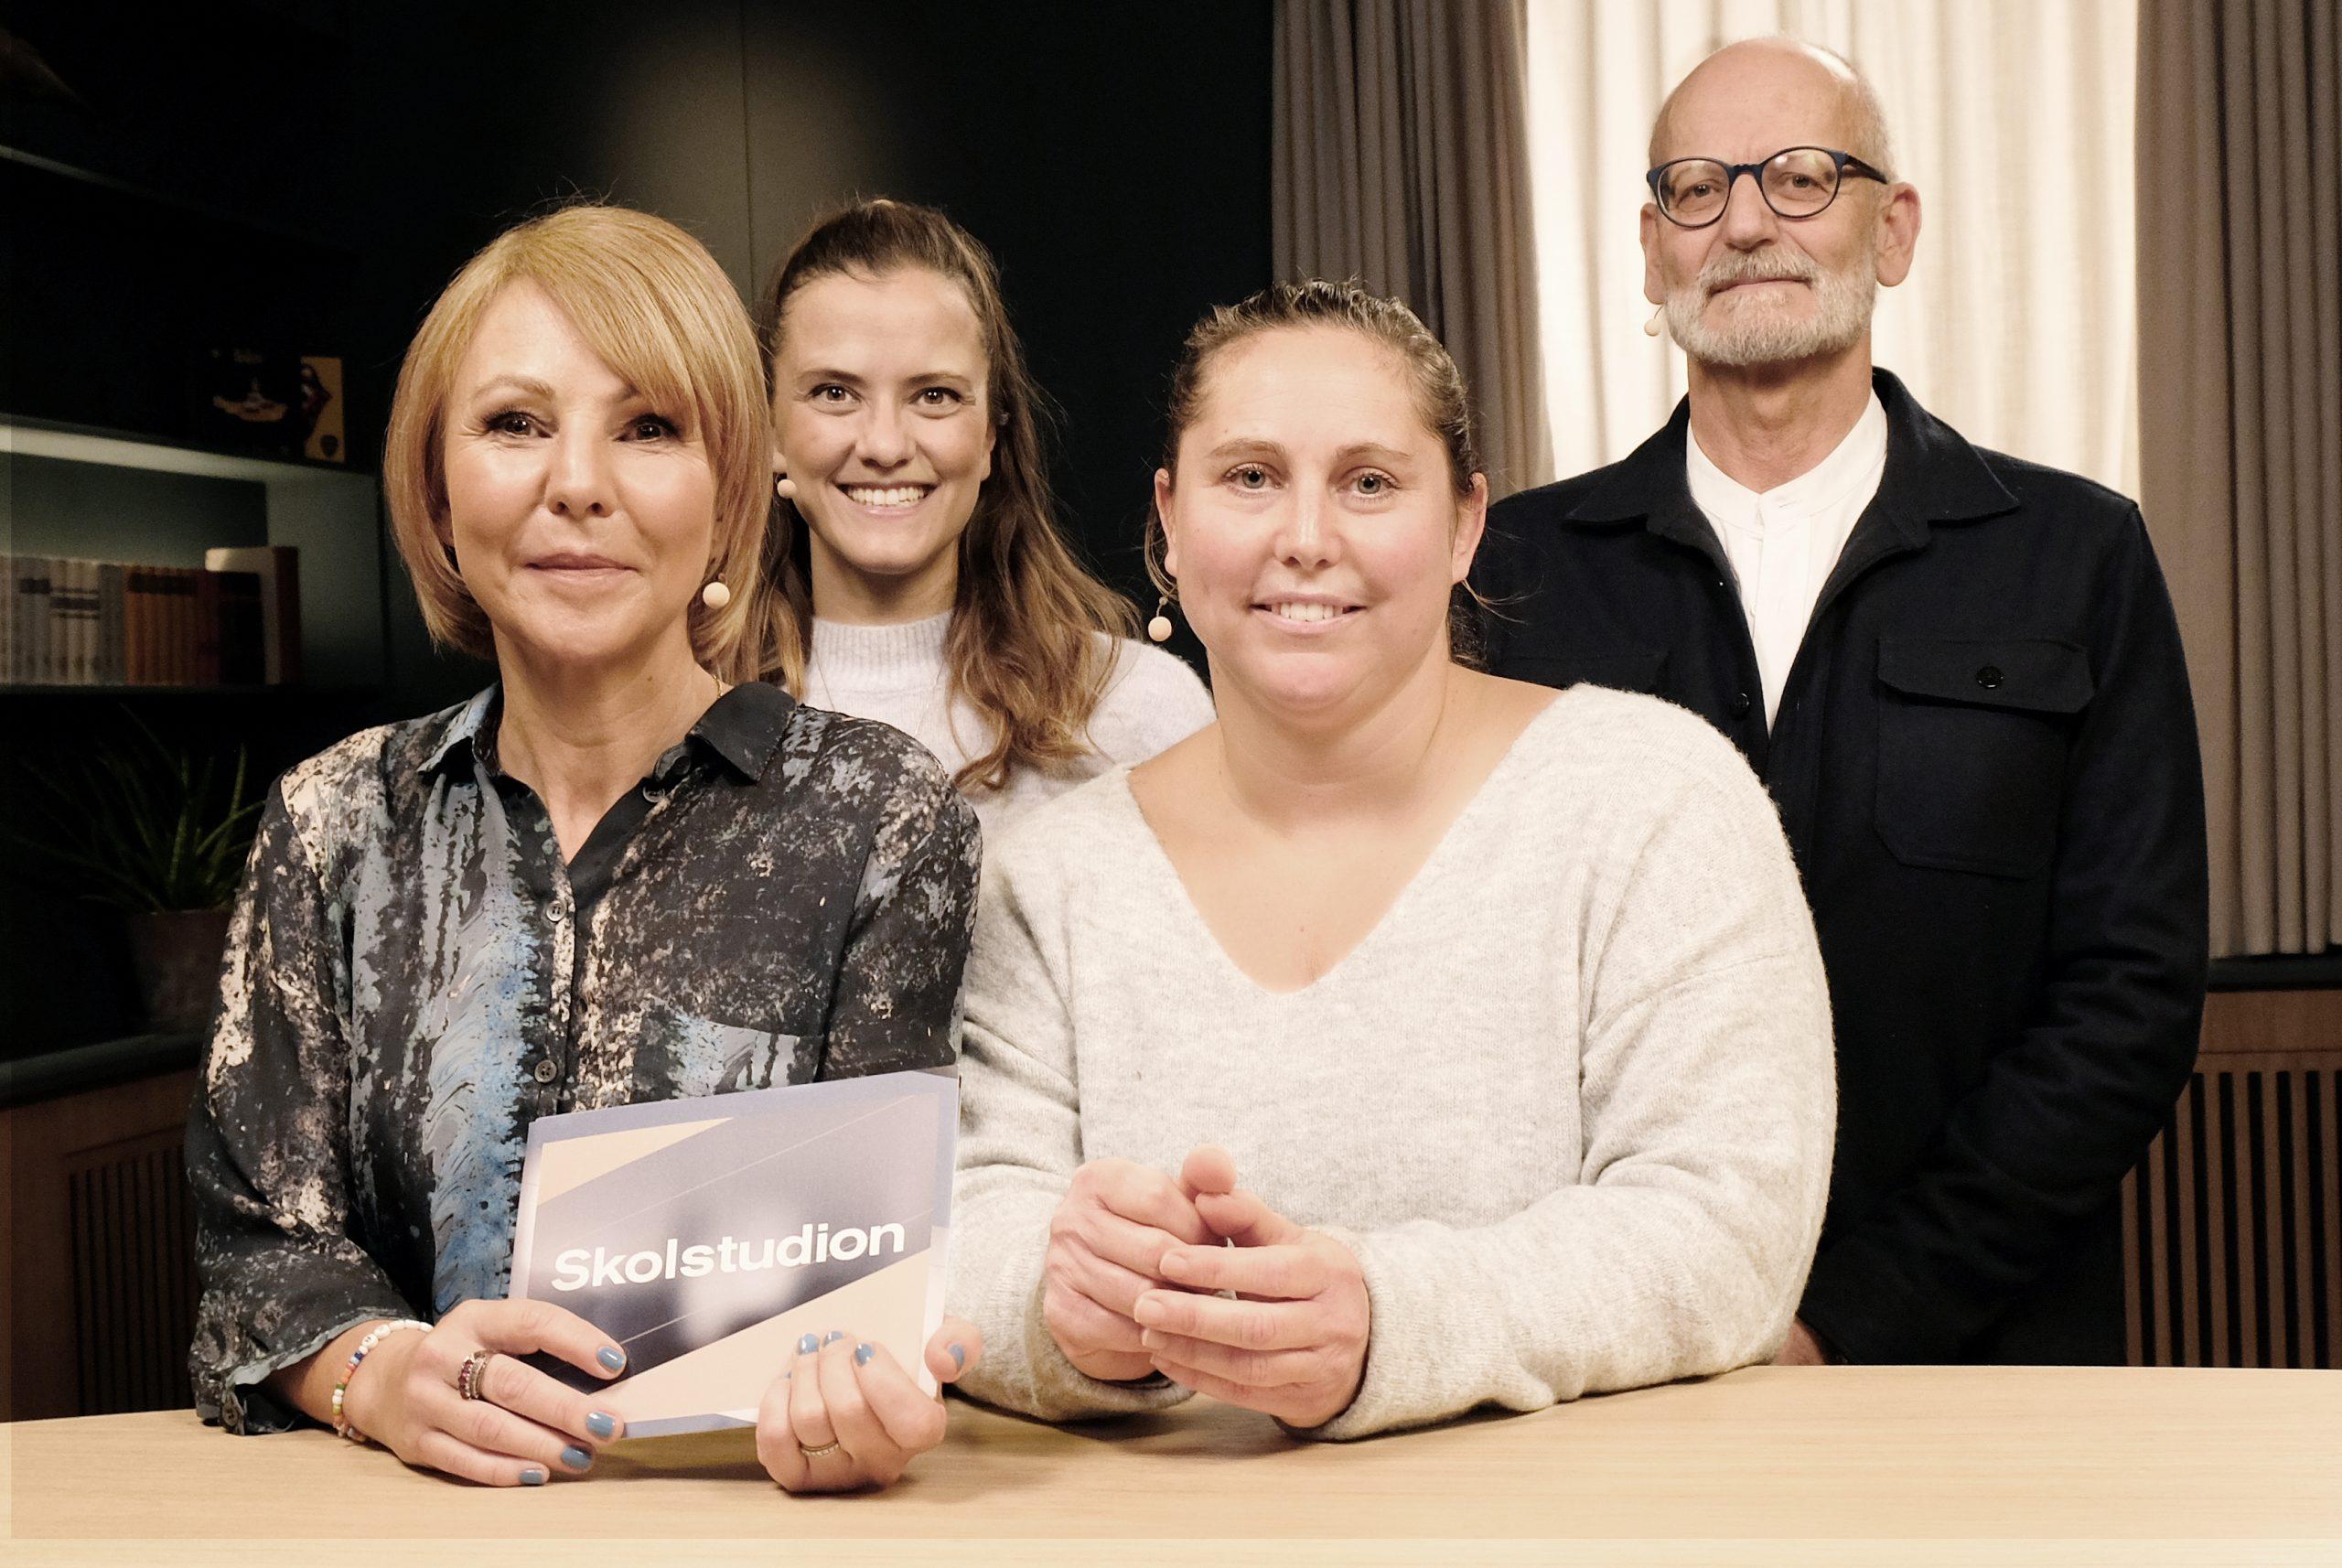 Fyra personer står bakom ett bord och tittar in i kameran.